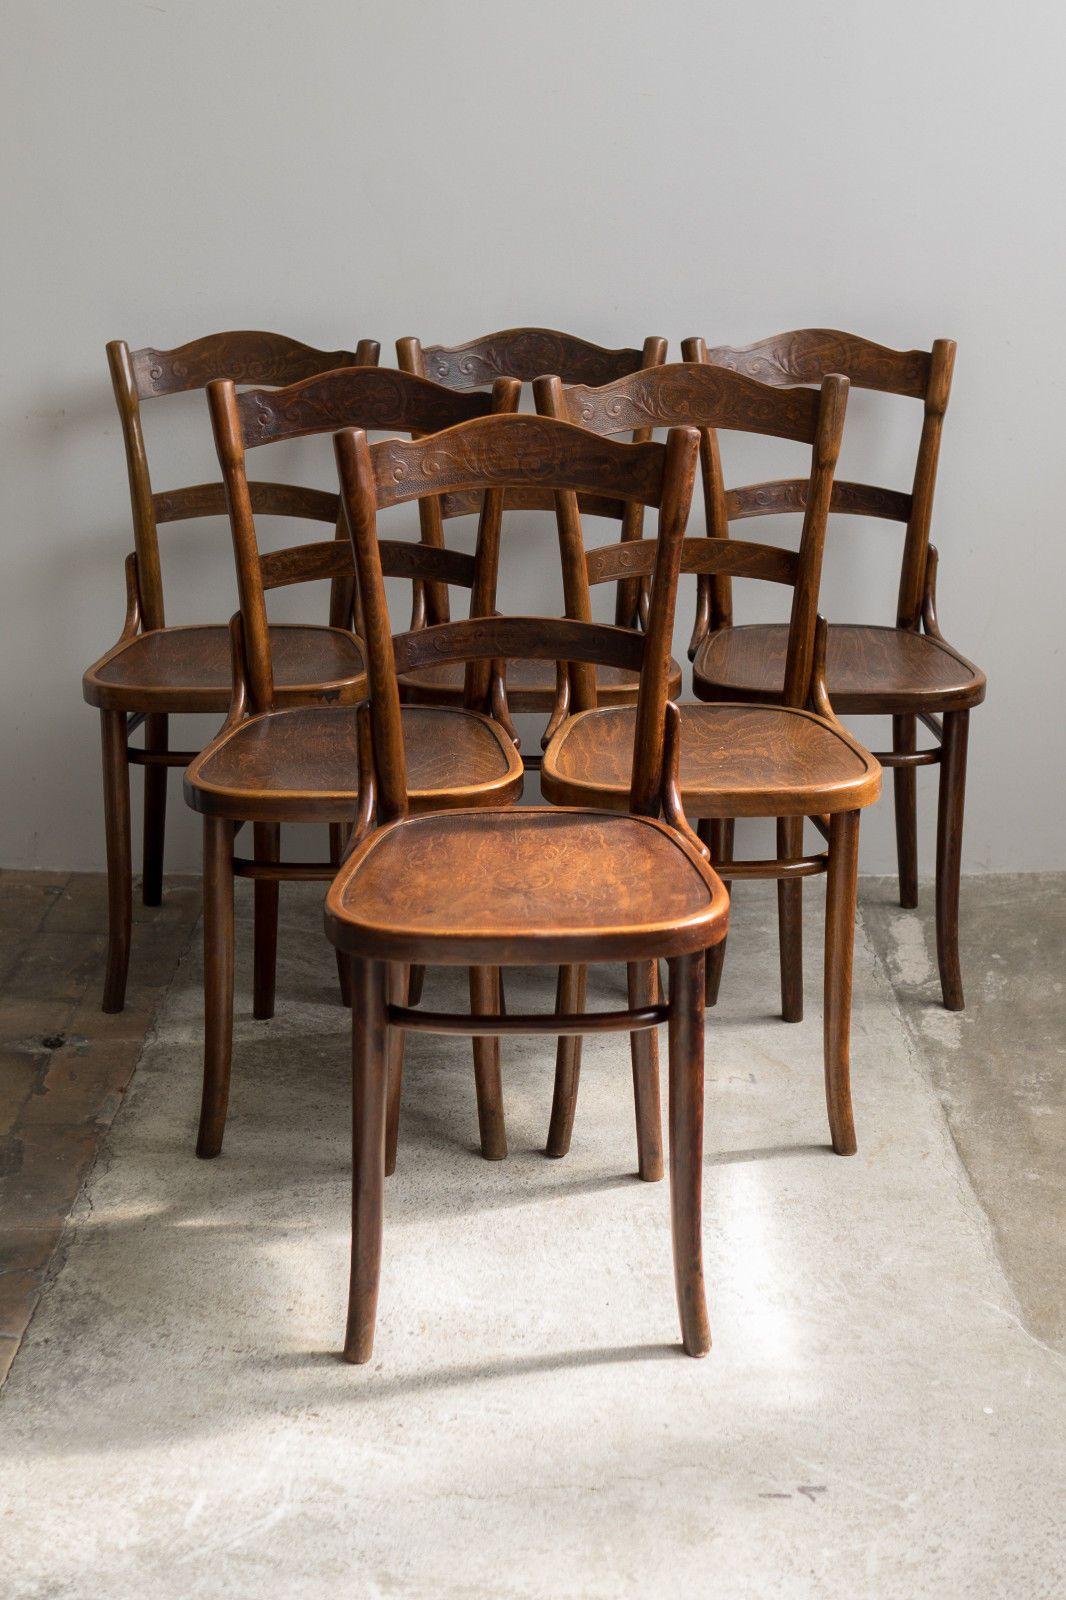 6er satz thonet bugholz st hle bistro kneipenst hle sitz r cken gepr gt um 1900 ebay and bistros. Black Bedroom Furniture Sets. Home Design Ideas